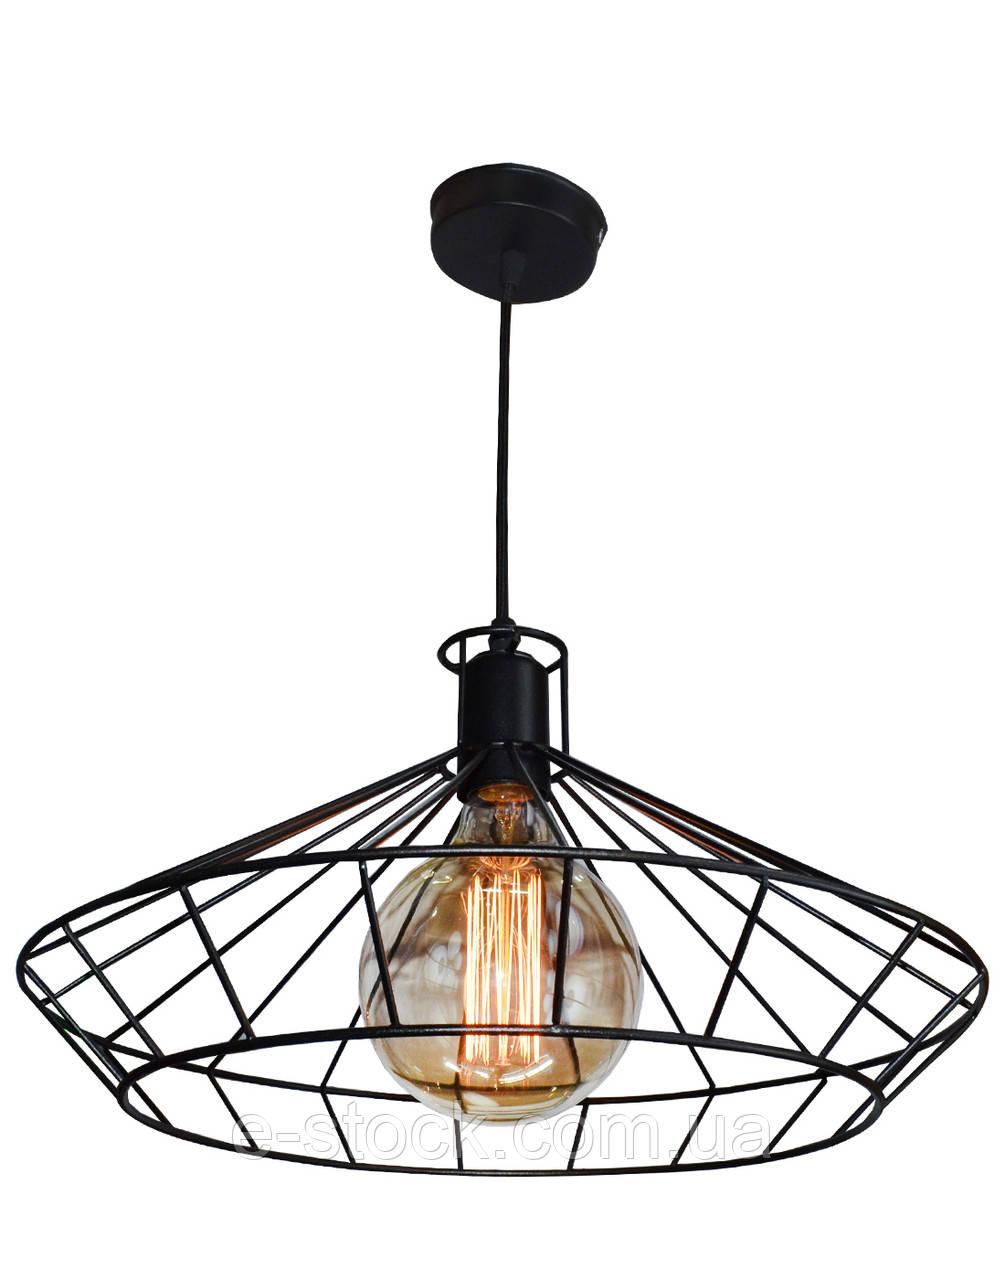 Стильный светильник